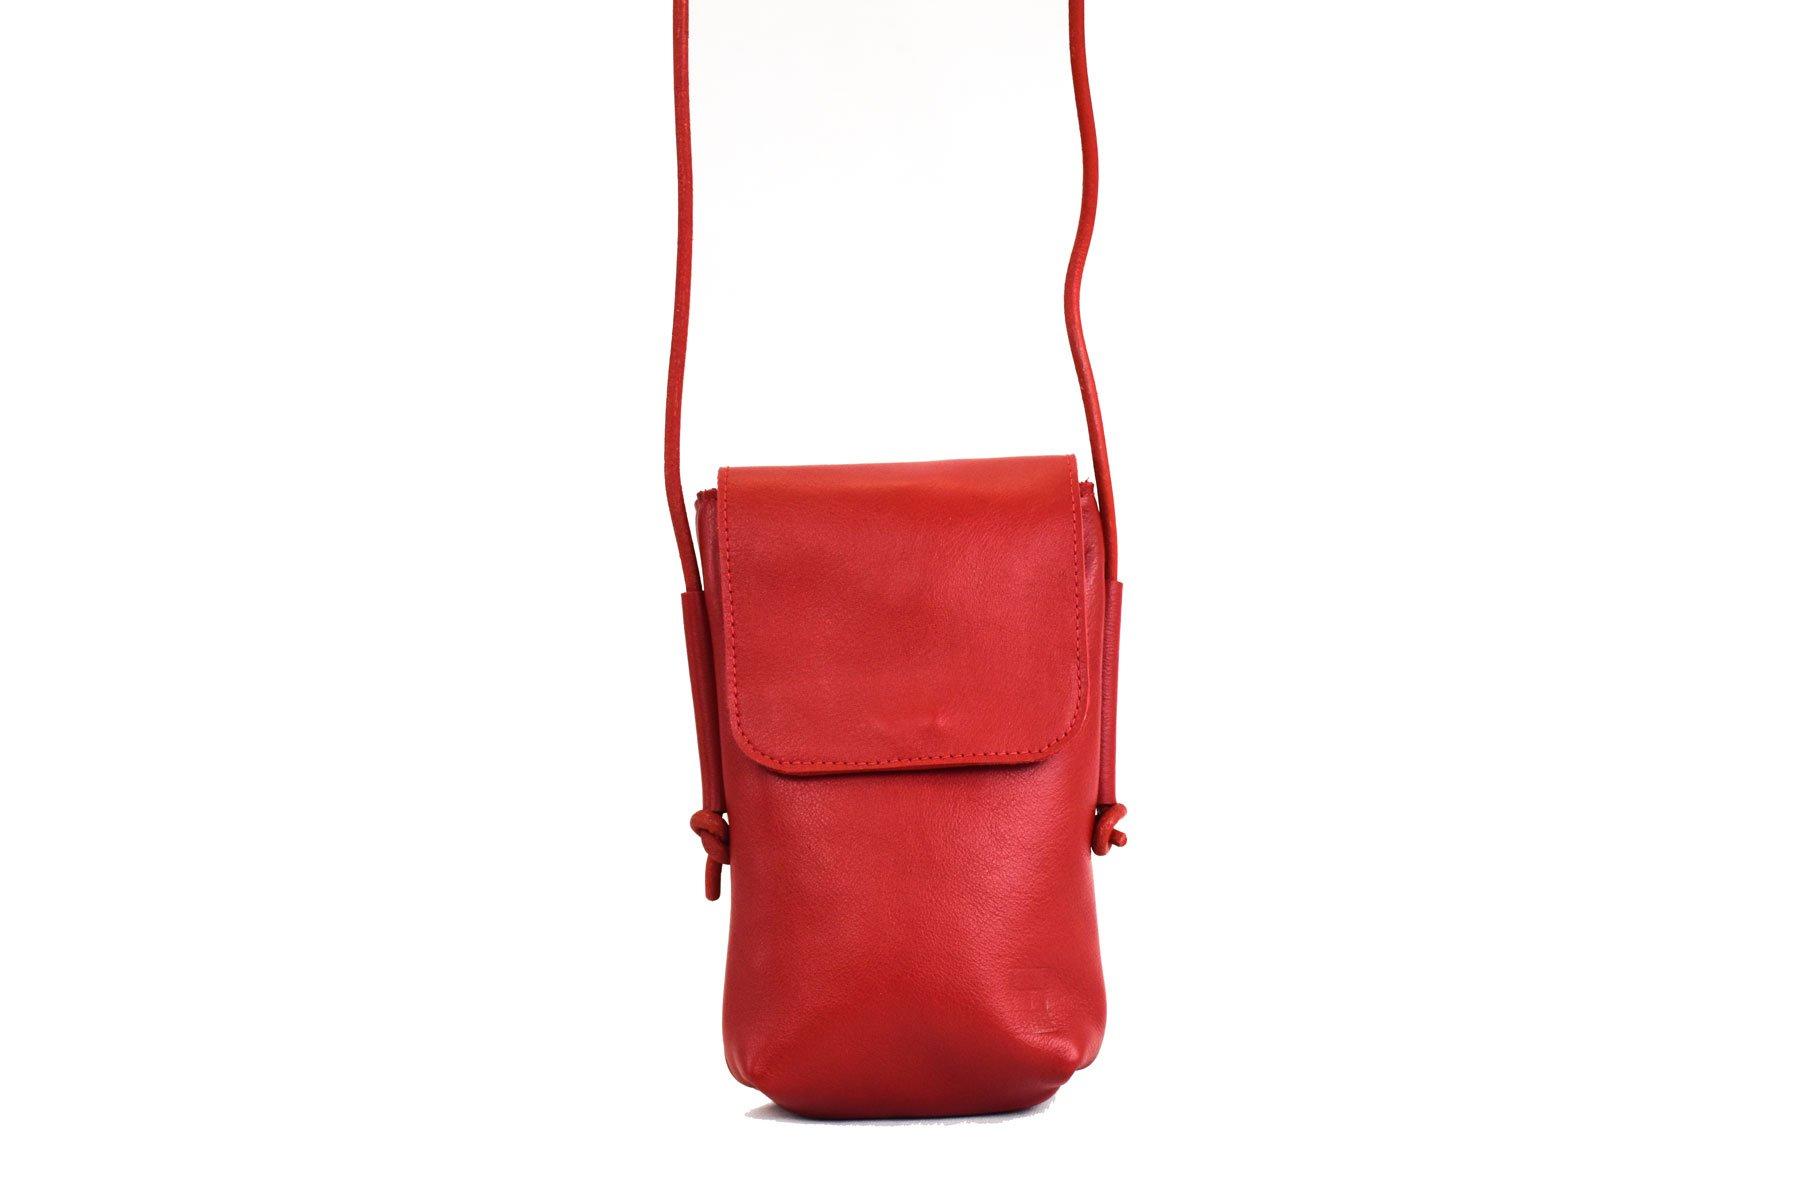 mola bandolera pequeña roja piel unisex ajustable handmade barcelona